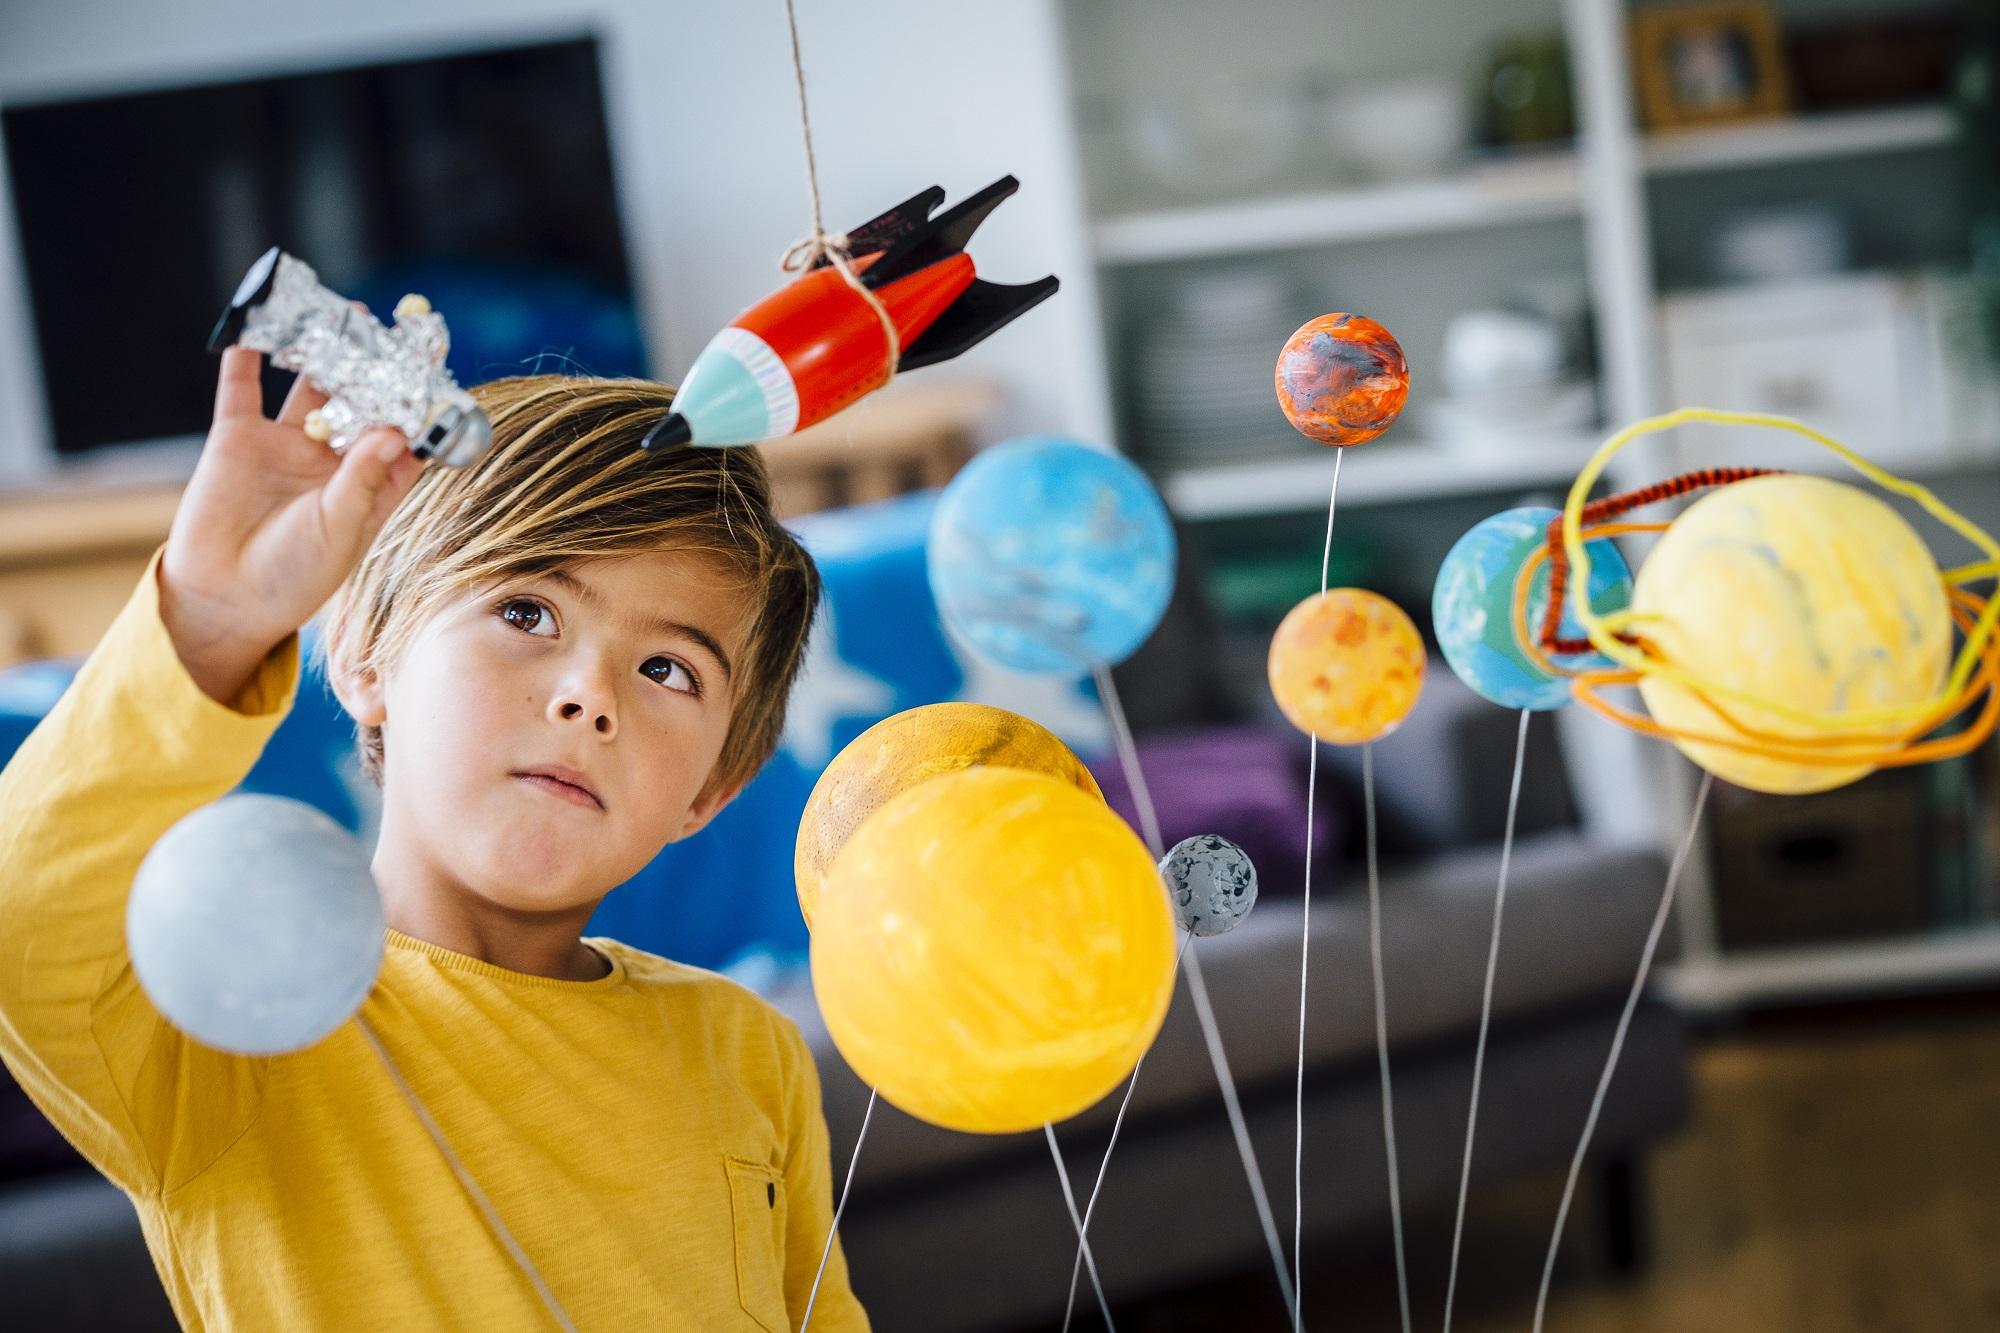 kisfiú űrhajóval és bolygókkal játszik